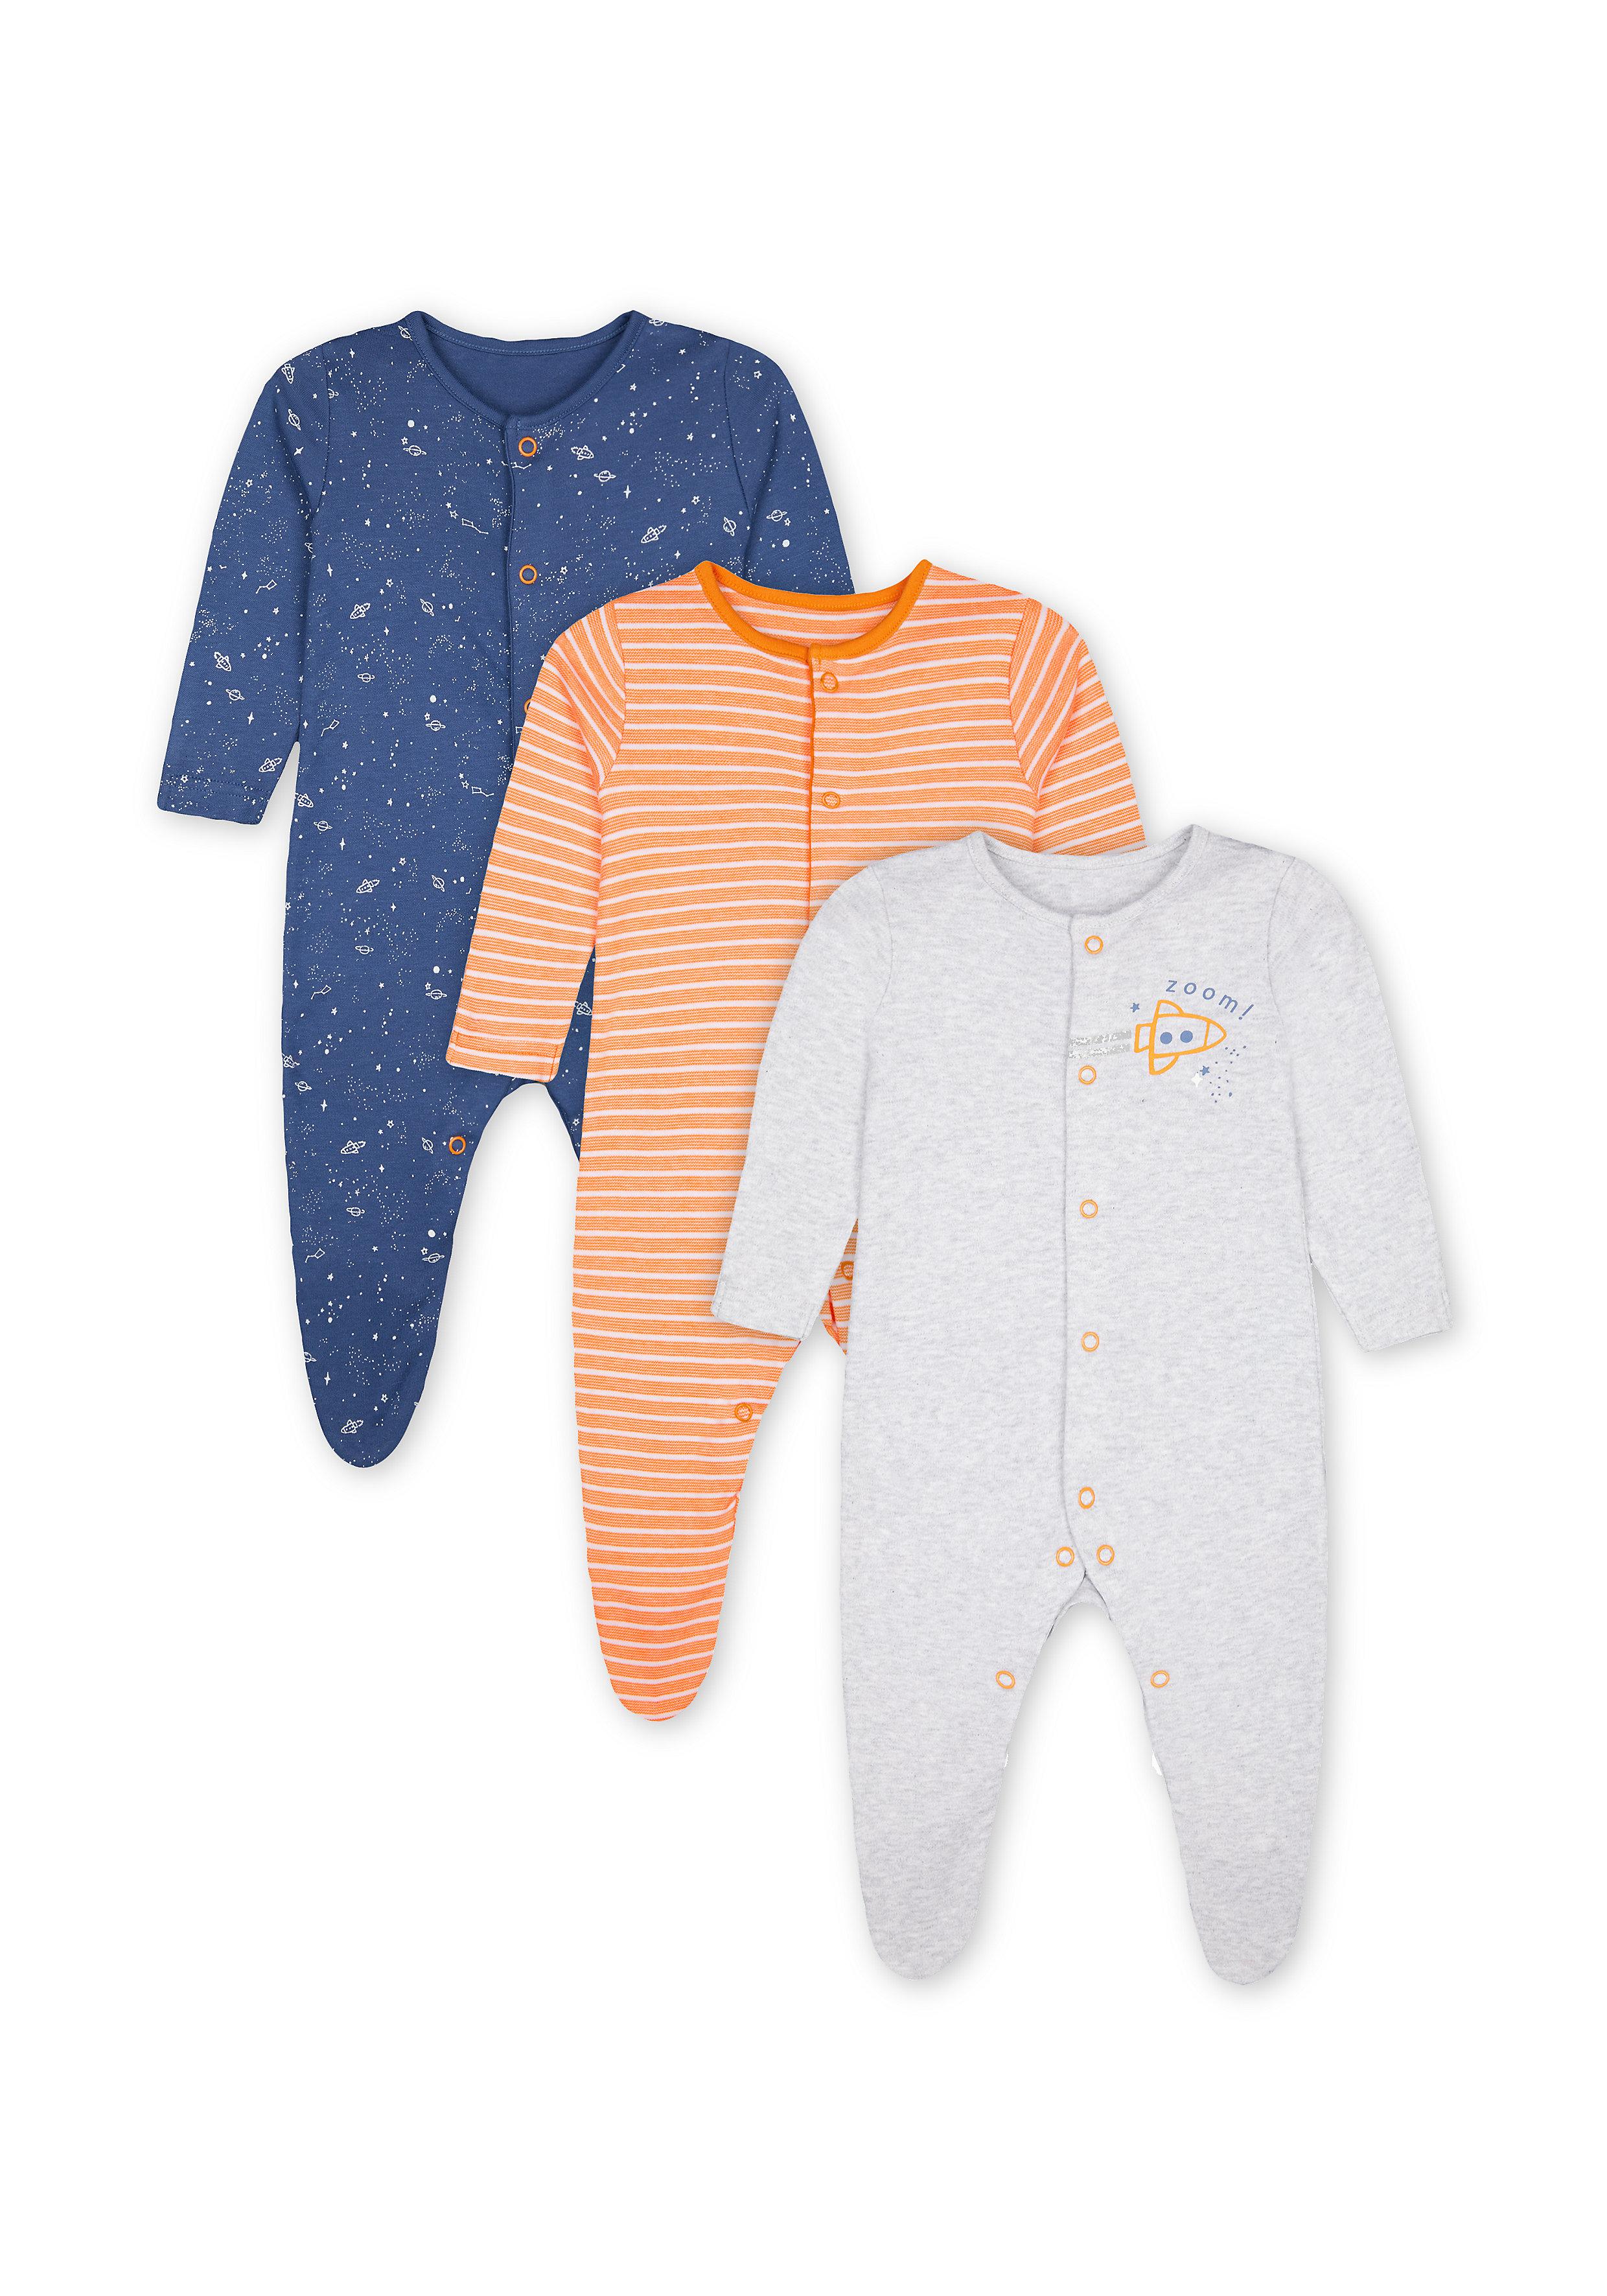 Mothercare   Boys Sleepsuit Space Print - Pack Of 3 - Orange Navy Grey